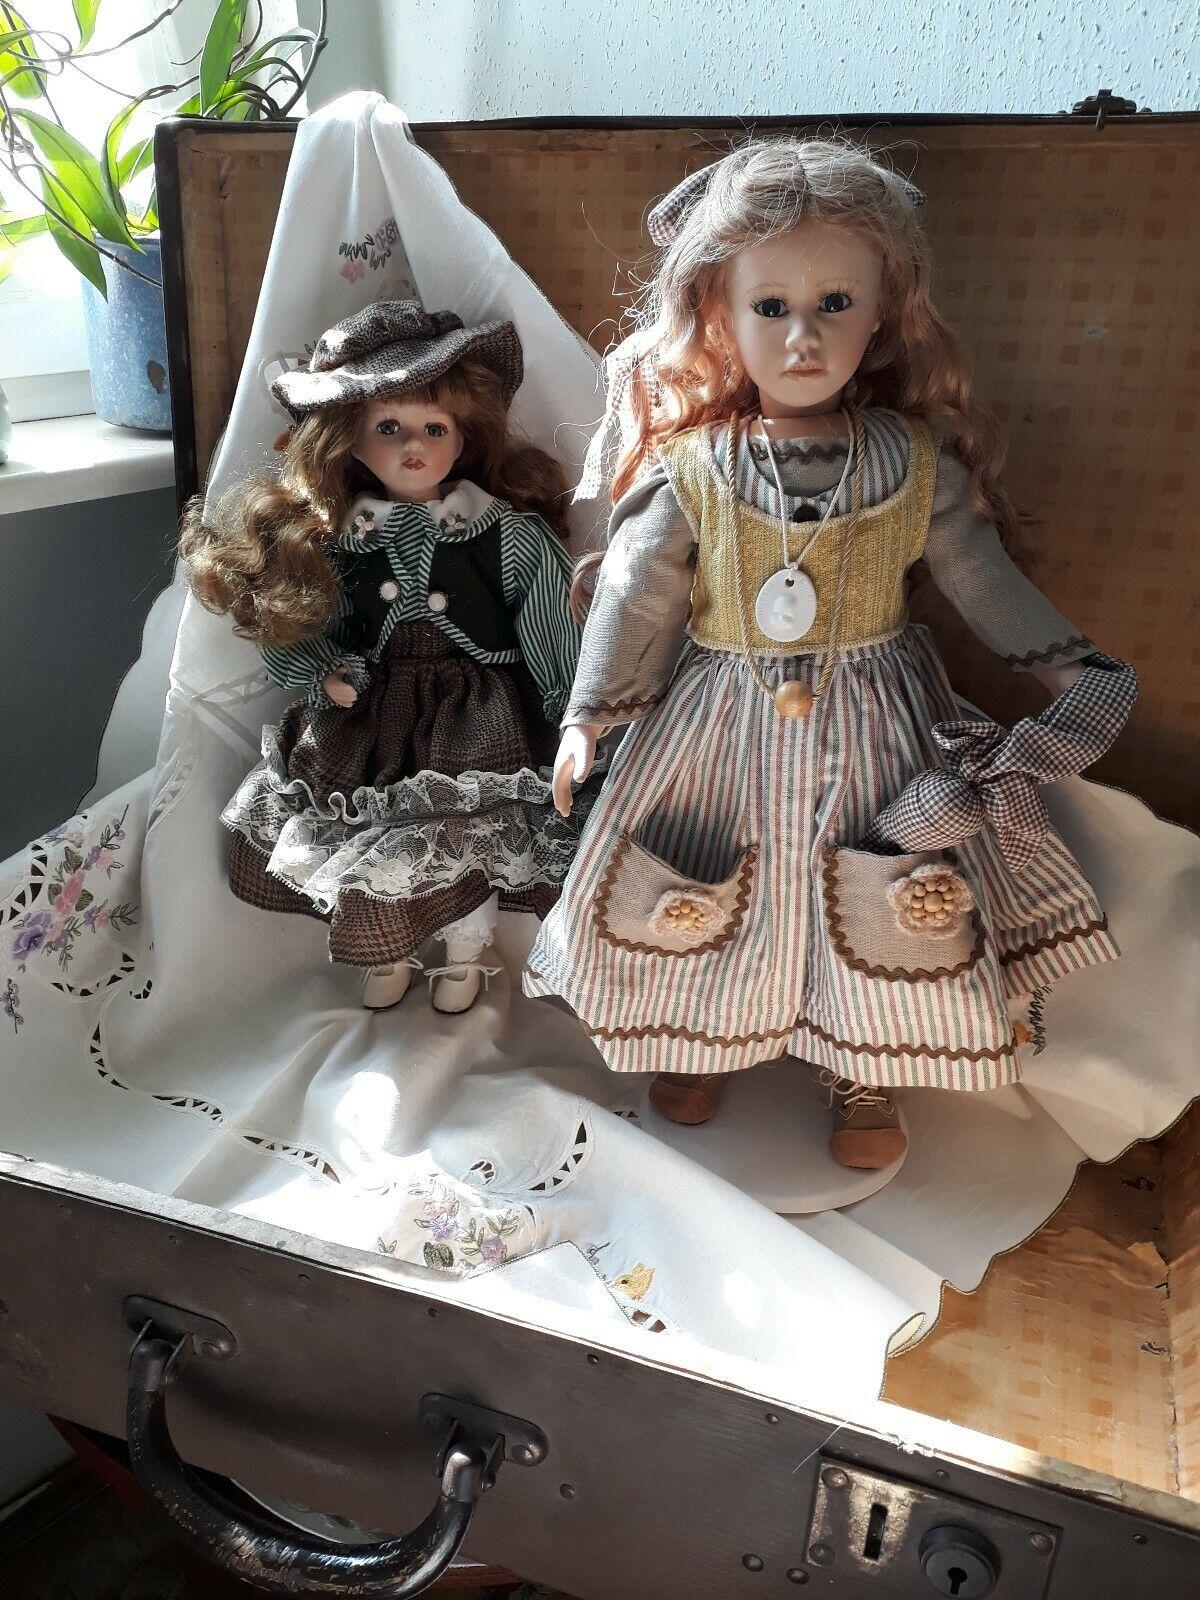 2 2 2 Puppen Sammlerpuppen Künstlerpuppen Porzellankopf 3e70e2